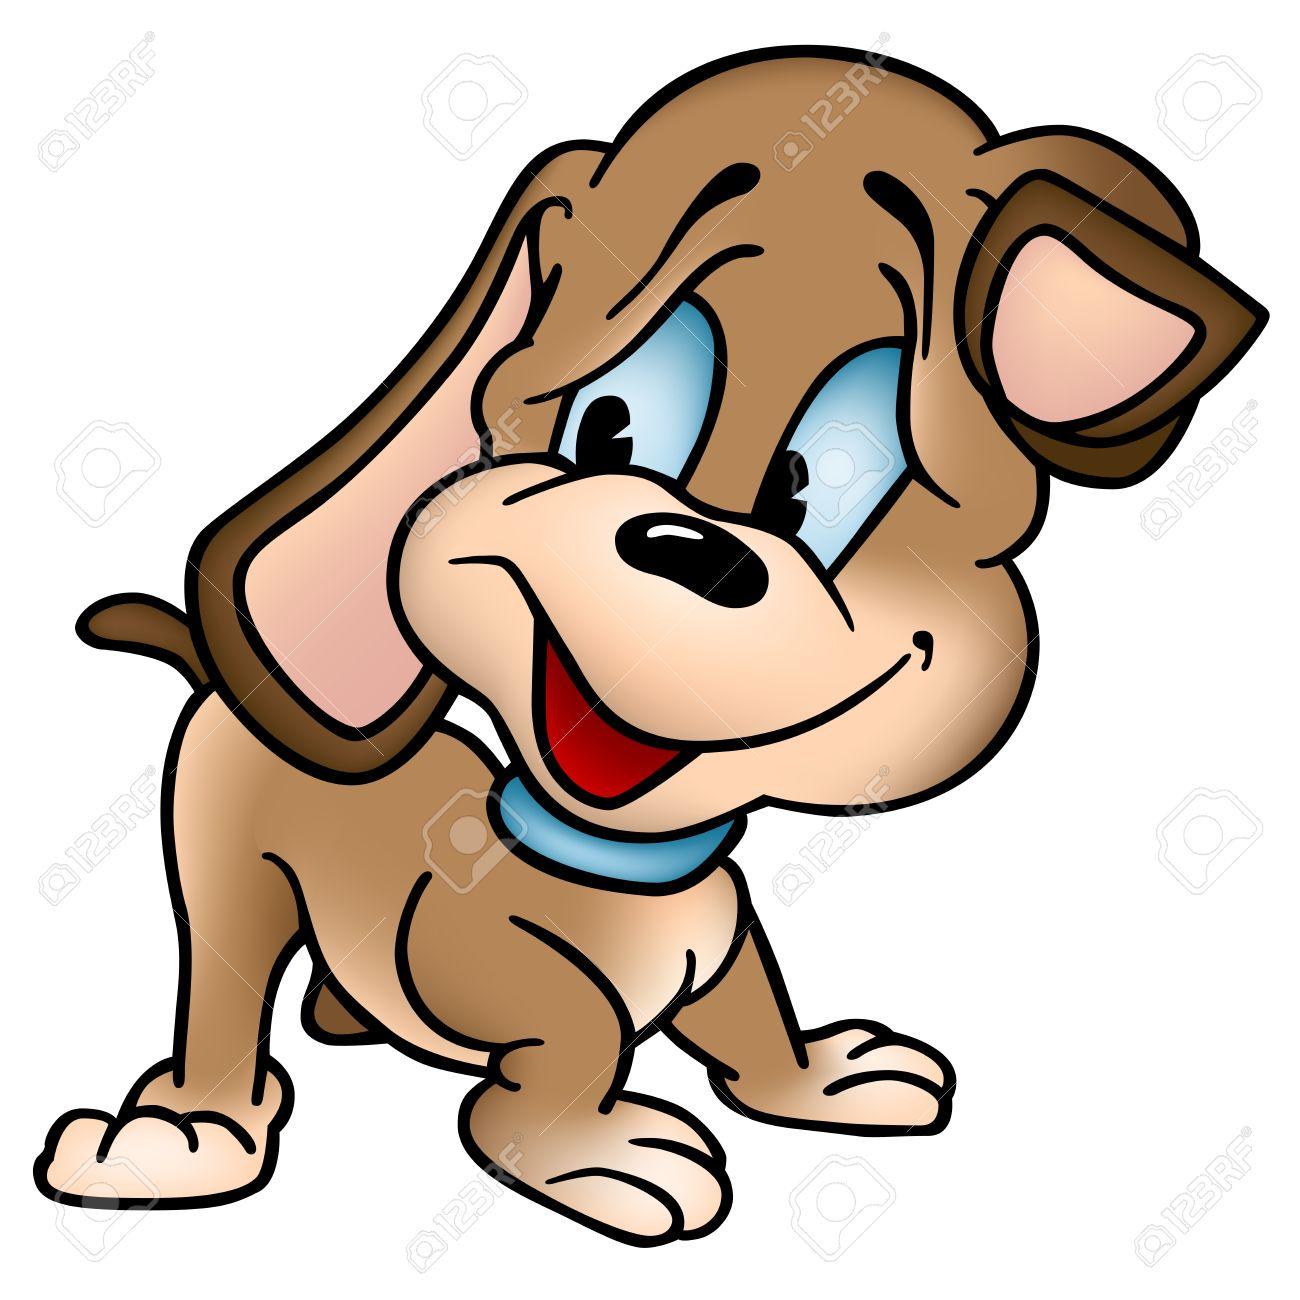 Cachorro De Perro - Ilustración De Dibujos Animados De Color ...